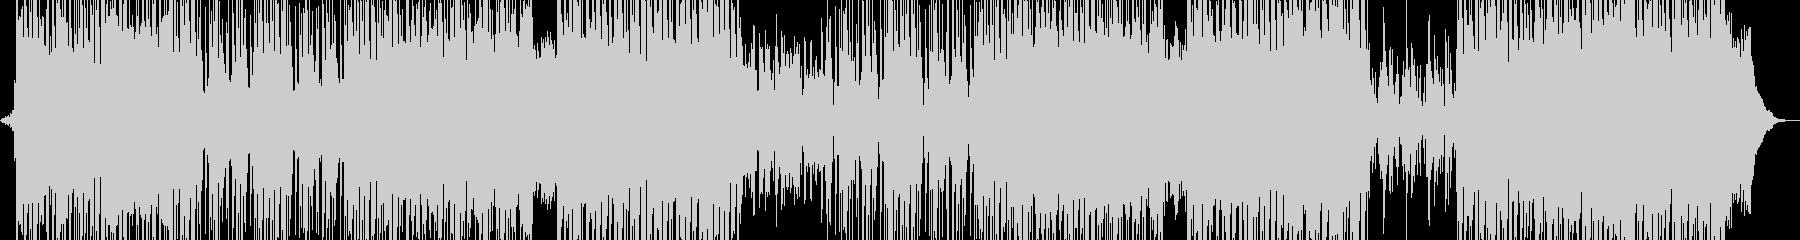 スリラーシンセ・疾走ビート ギター無の未再生の波形